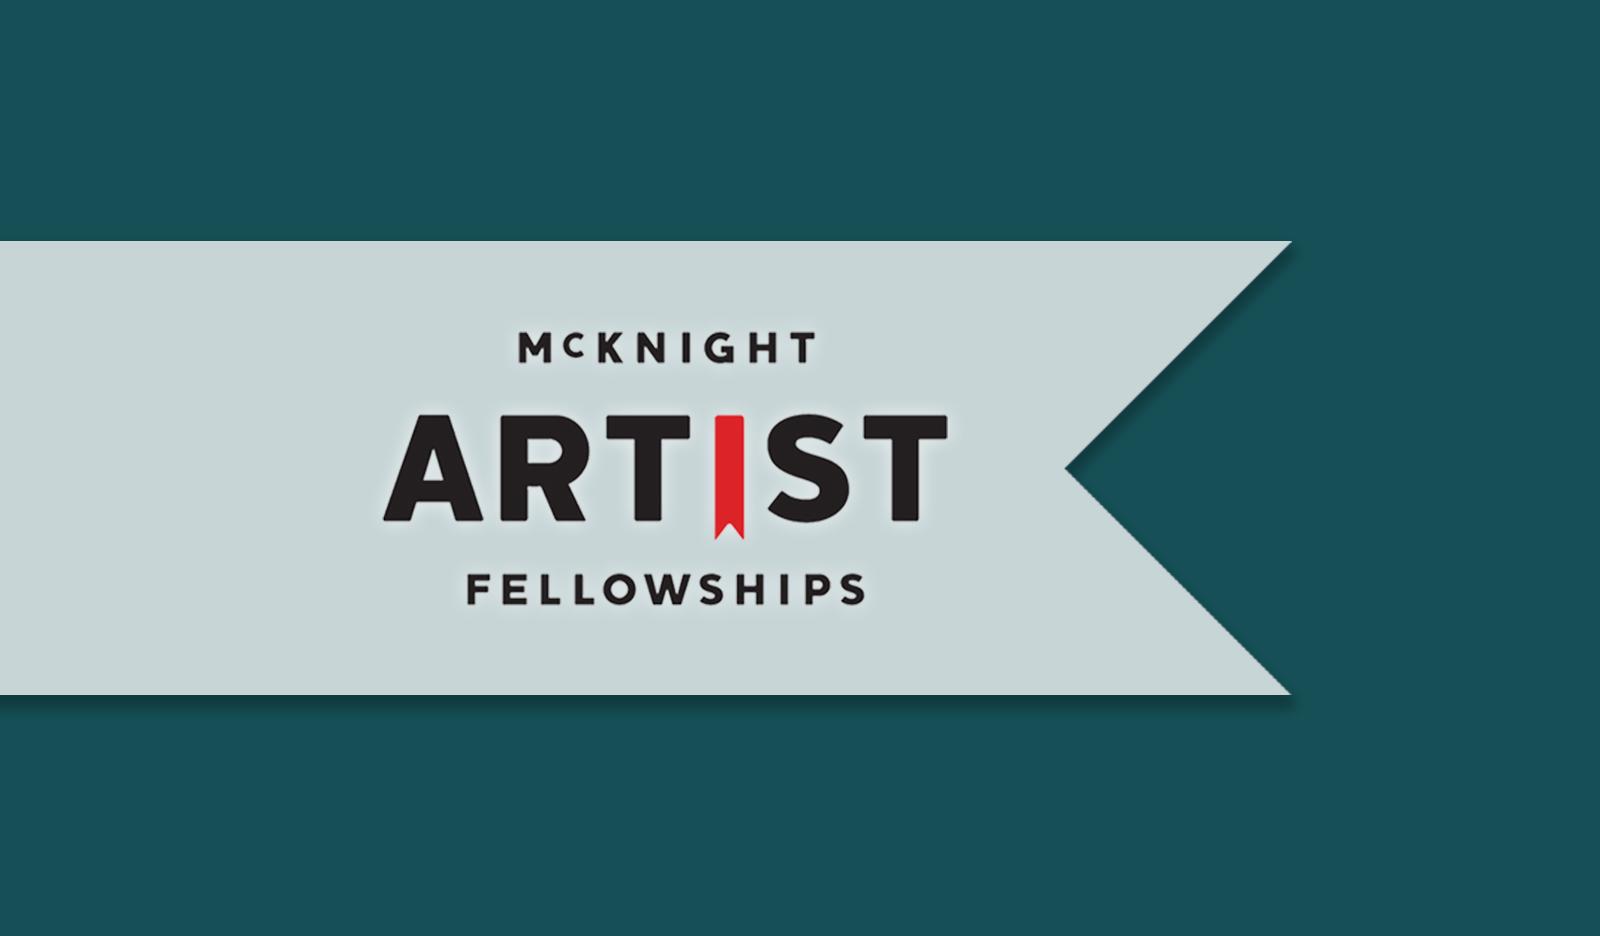 2019 Artist Fellowship Award Announcements - McKnight Foundation